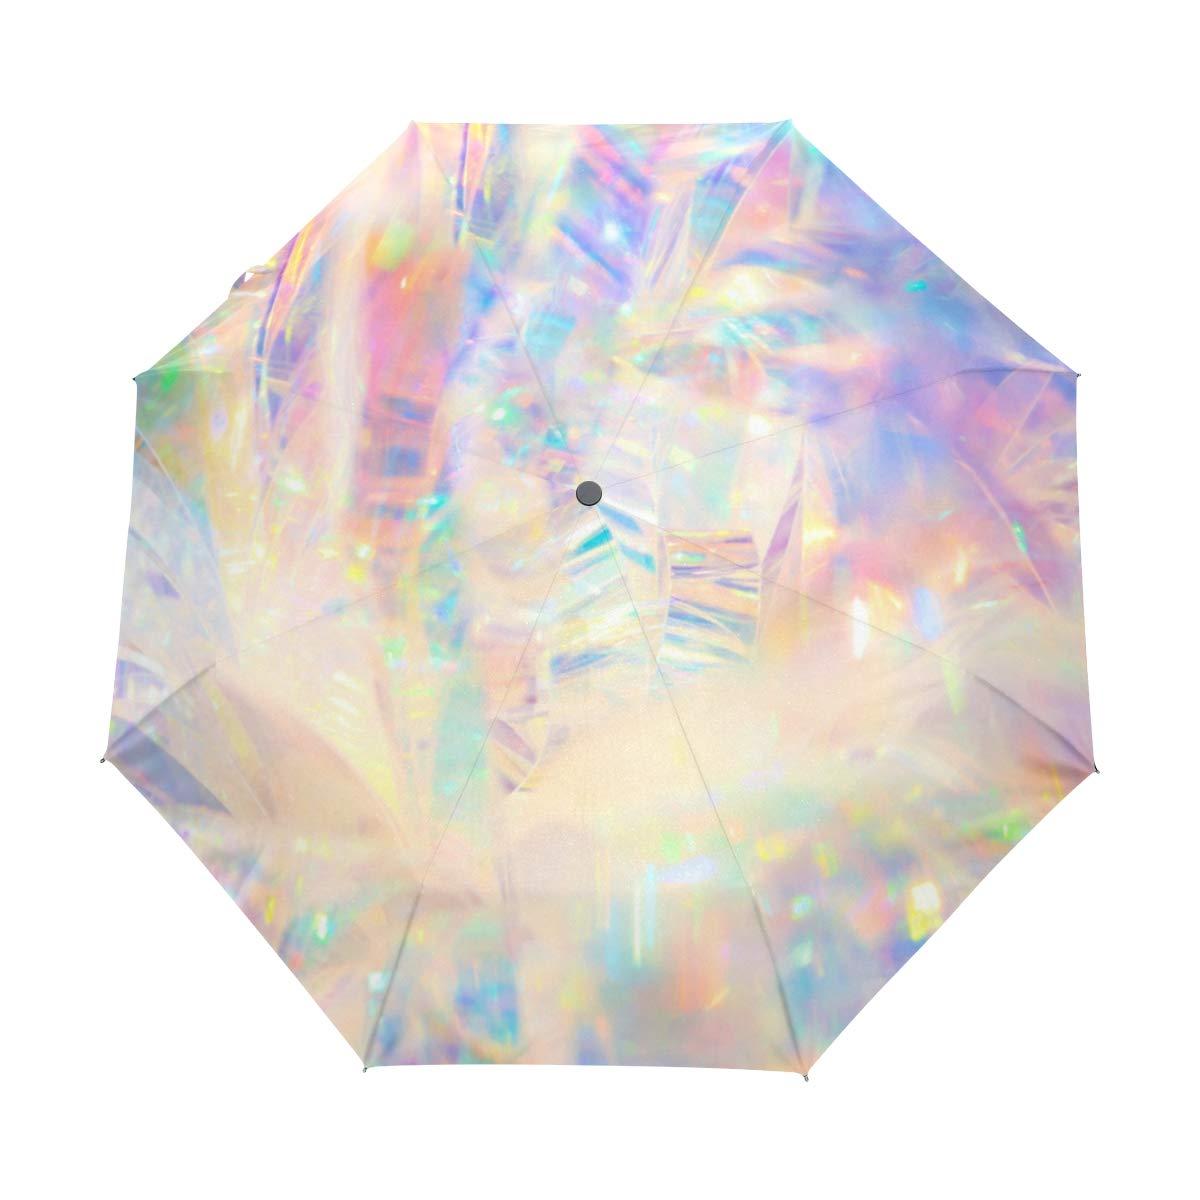 Top Carpenter Holographic Iridescent Metallic Anti UV Windproof Travel Umbrella Parasol Auto Open/Close